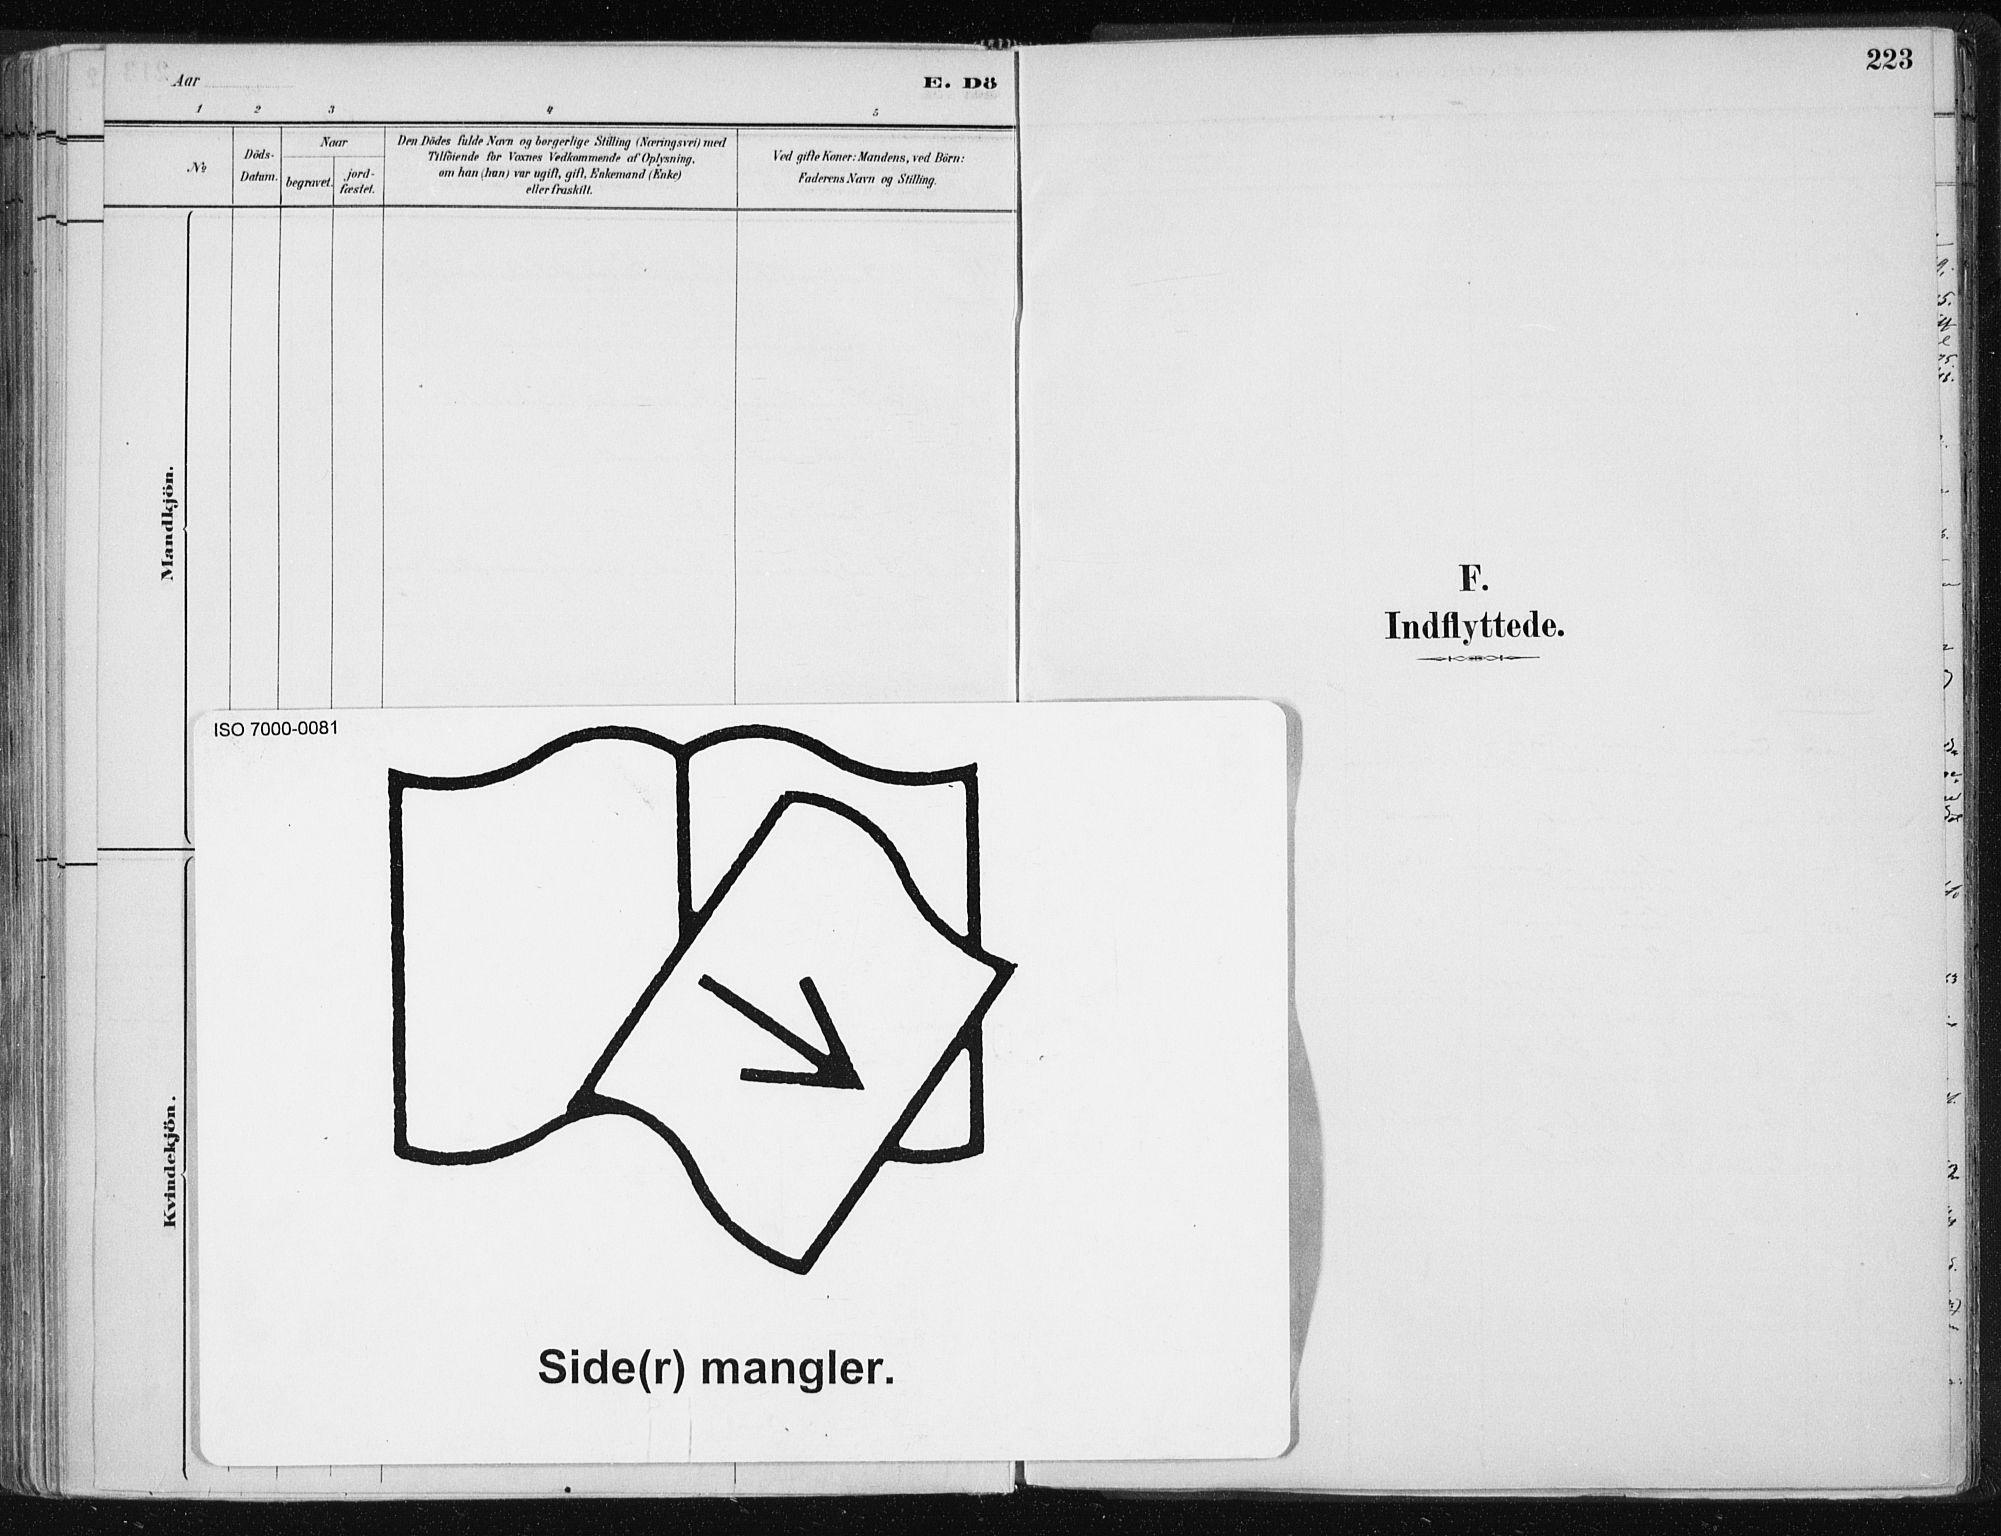 SAT, Ministerialprotokoller, klokkerbøker og fødselsregistre - Nord-Trøndelag, 701/L0010: Ministerialbok nr. 701A10, 1883-1899, s. 223